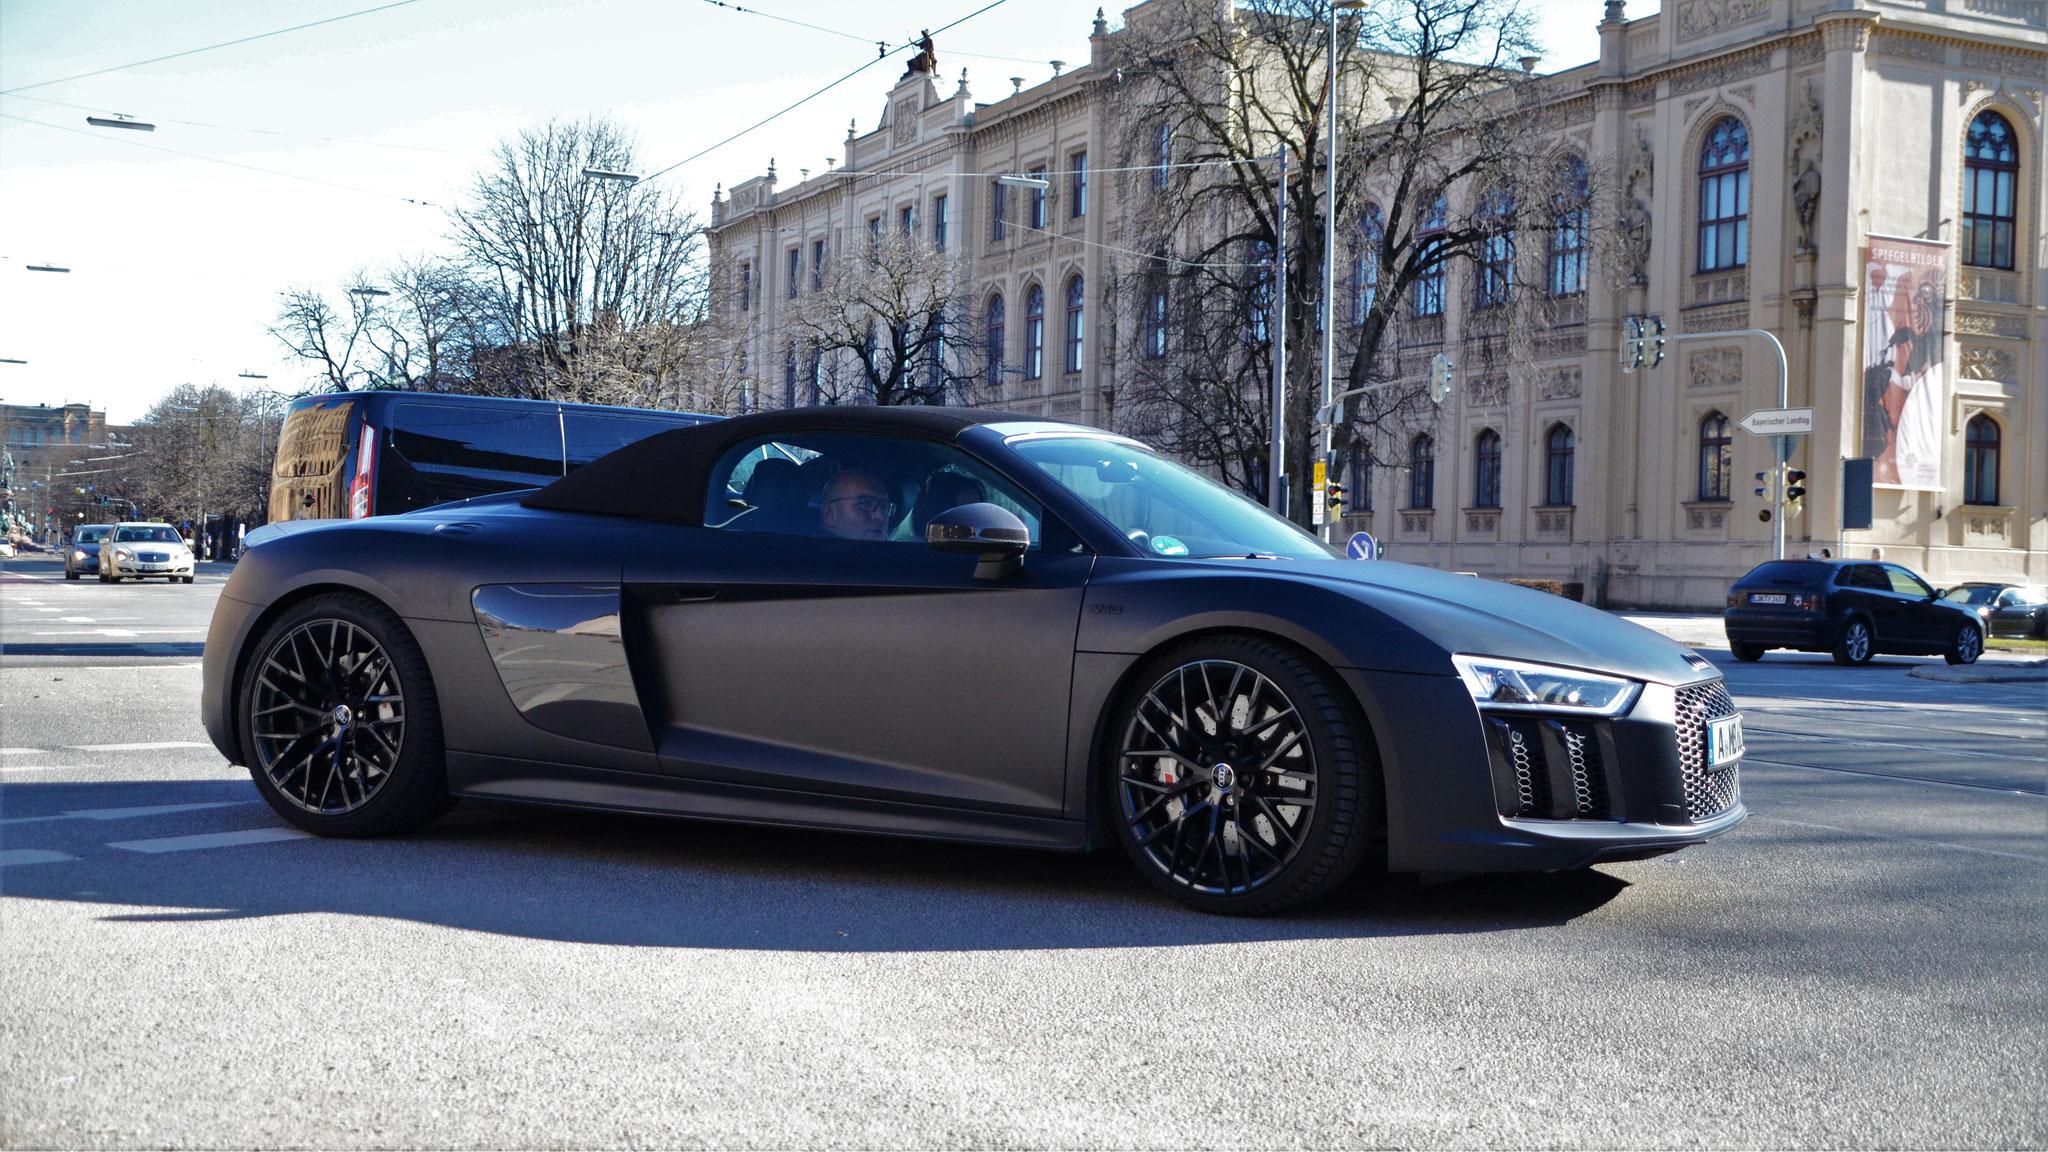 Audi R8 V10 Spyder - A-MB-682